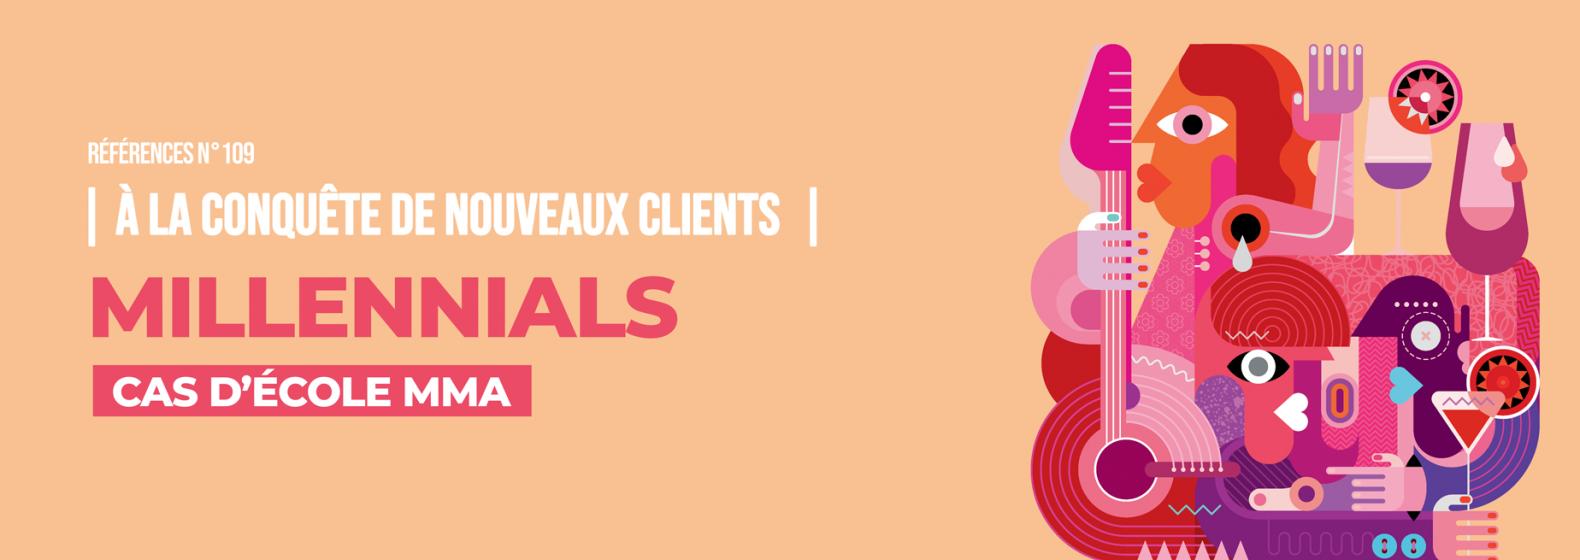 1-b_a-la-conquete-de-nouveaux-clients_les-millenials.png